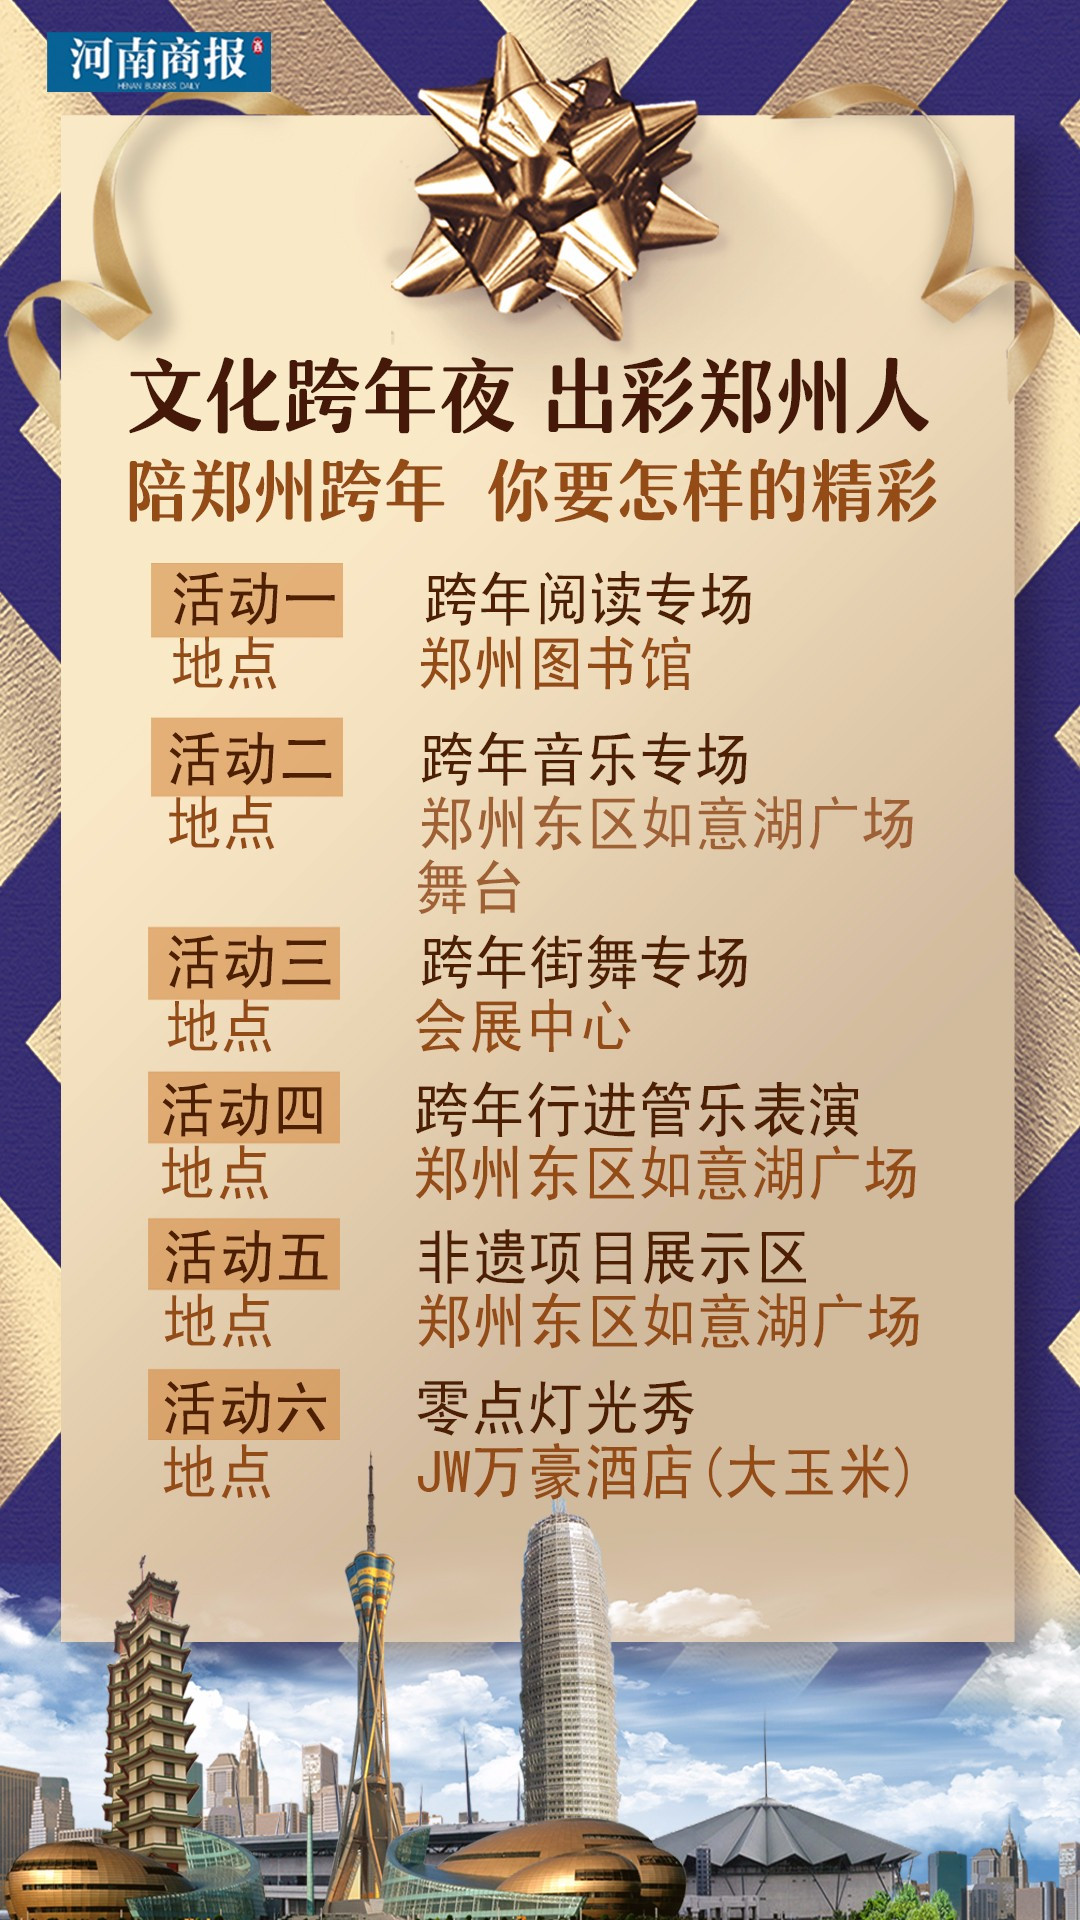 郑州跨年最全攻略:大玉米灯光秀、跨年星趴…还有交通管制区通行秘籍→